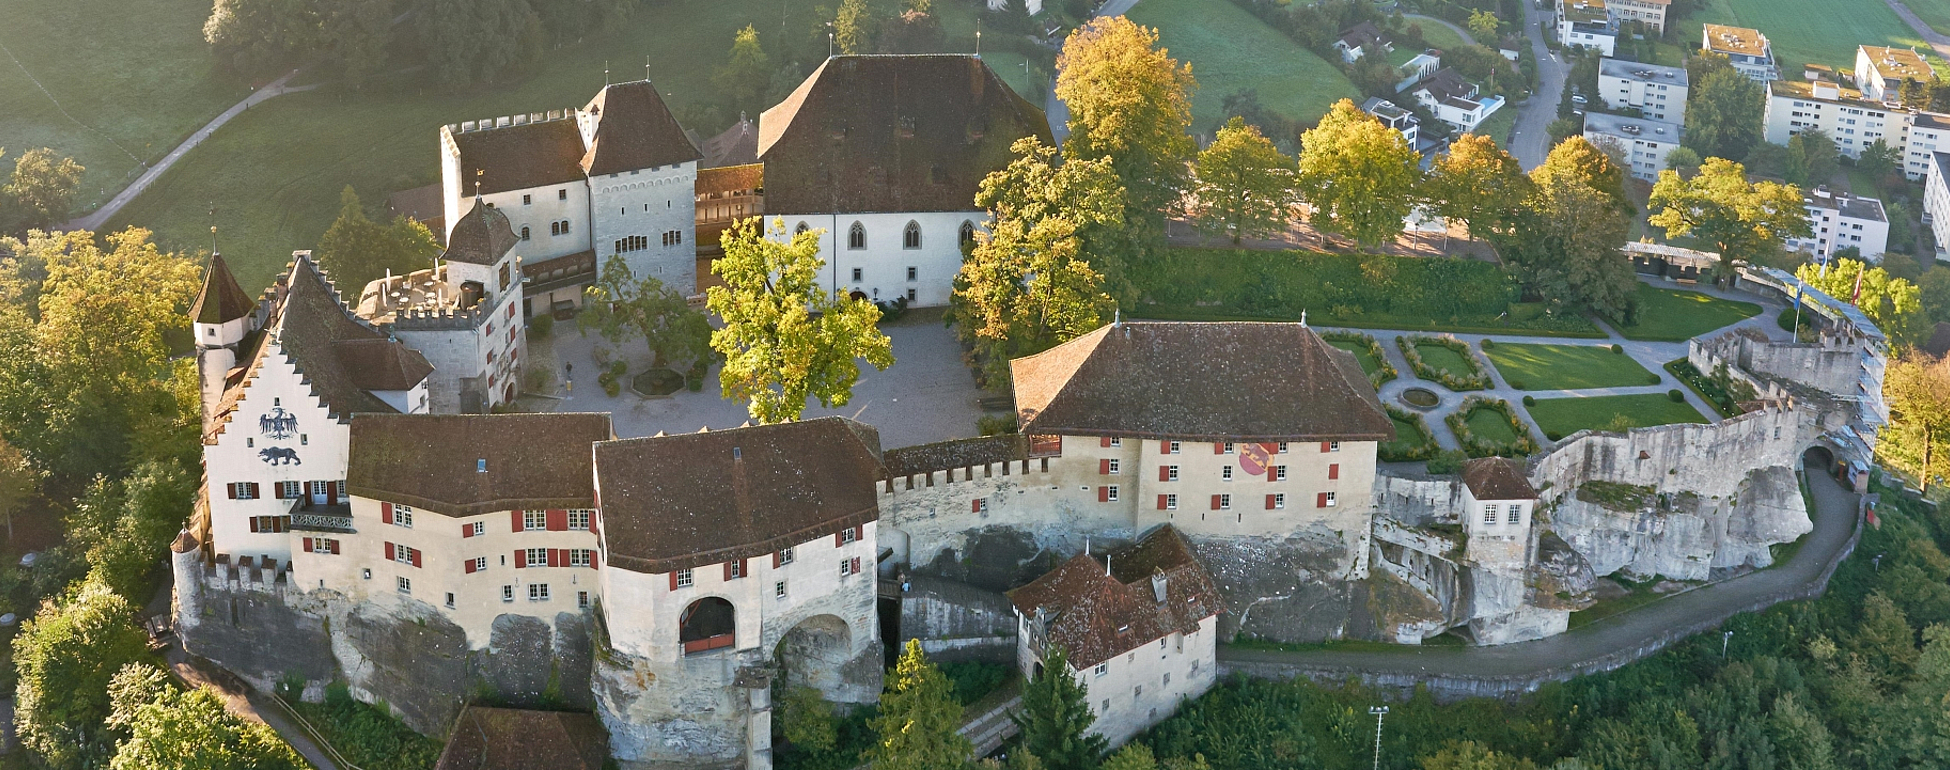 le site de rencontre lenzburg